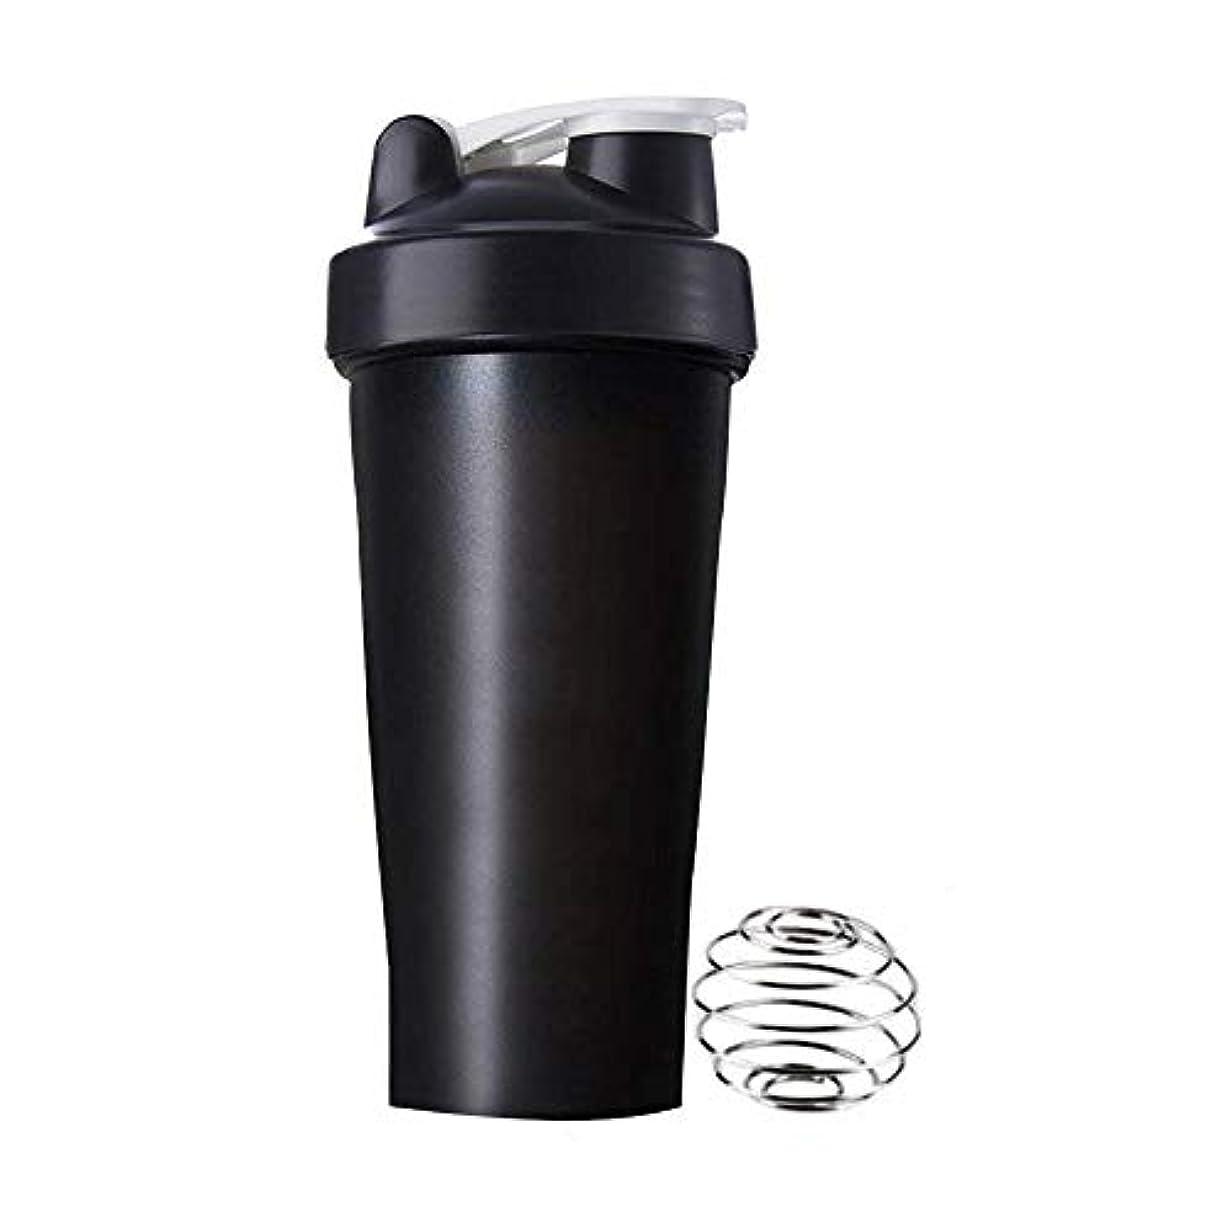 独立ロンドンレッスンRoman Center プロテインシェイカー 直飲み プラスチックウォーターボトル ジム シェーカーボトル 600ml